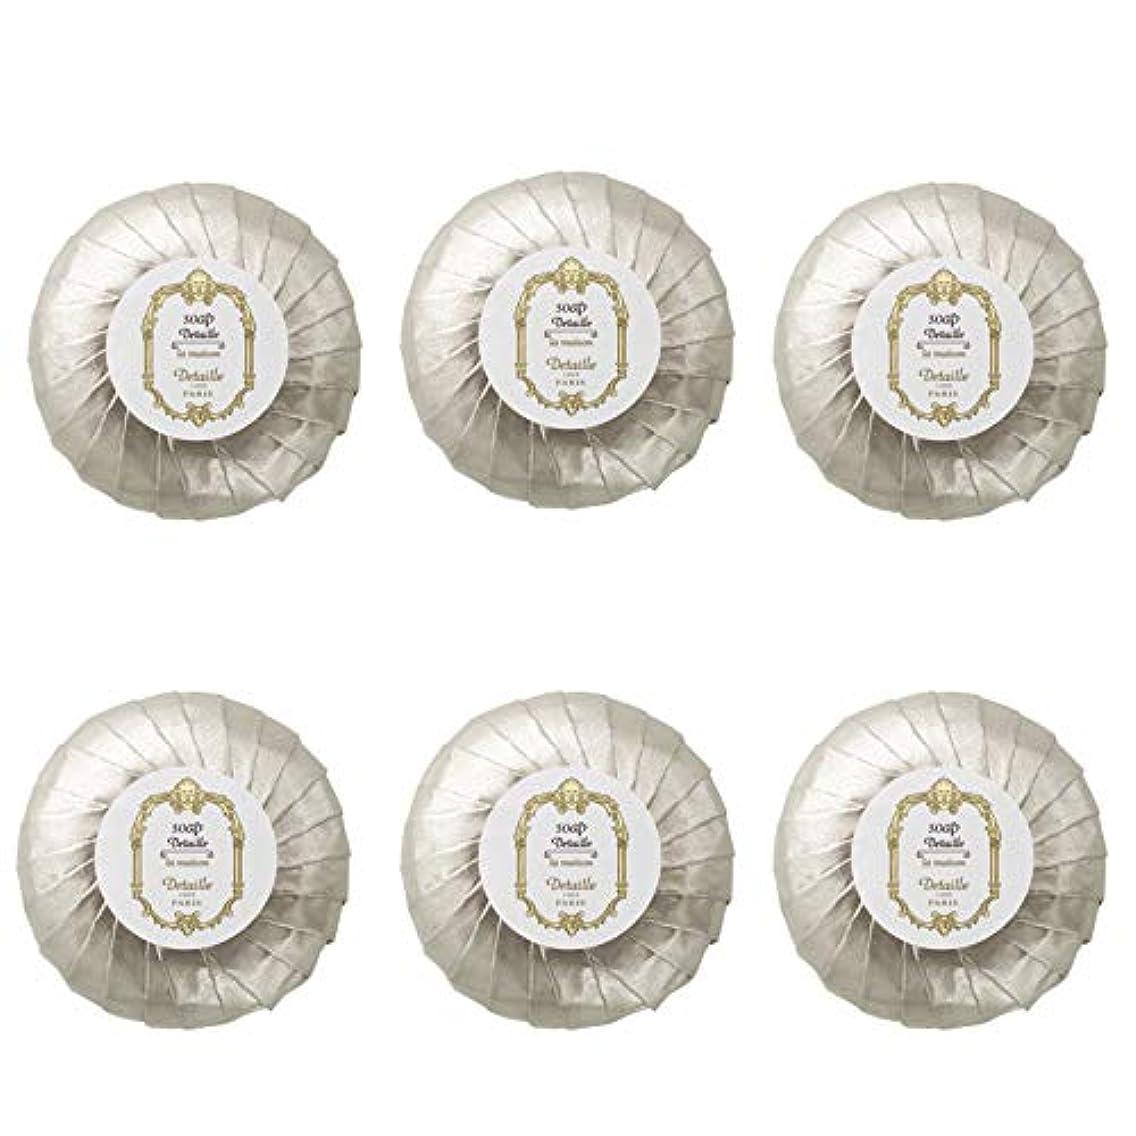 劣るエンターテインメント適用するPOLA デタイユ ラ メゾン スキンソープ 固形石鹸 (プリーツ包装) 50g×6個